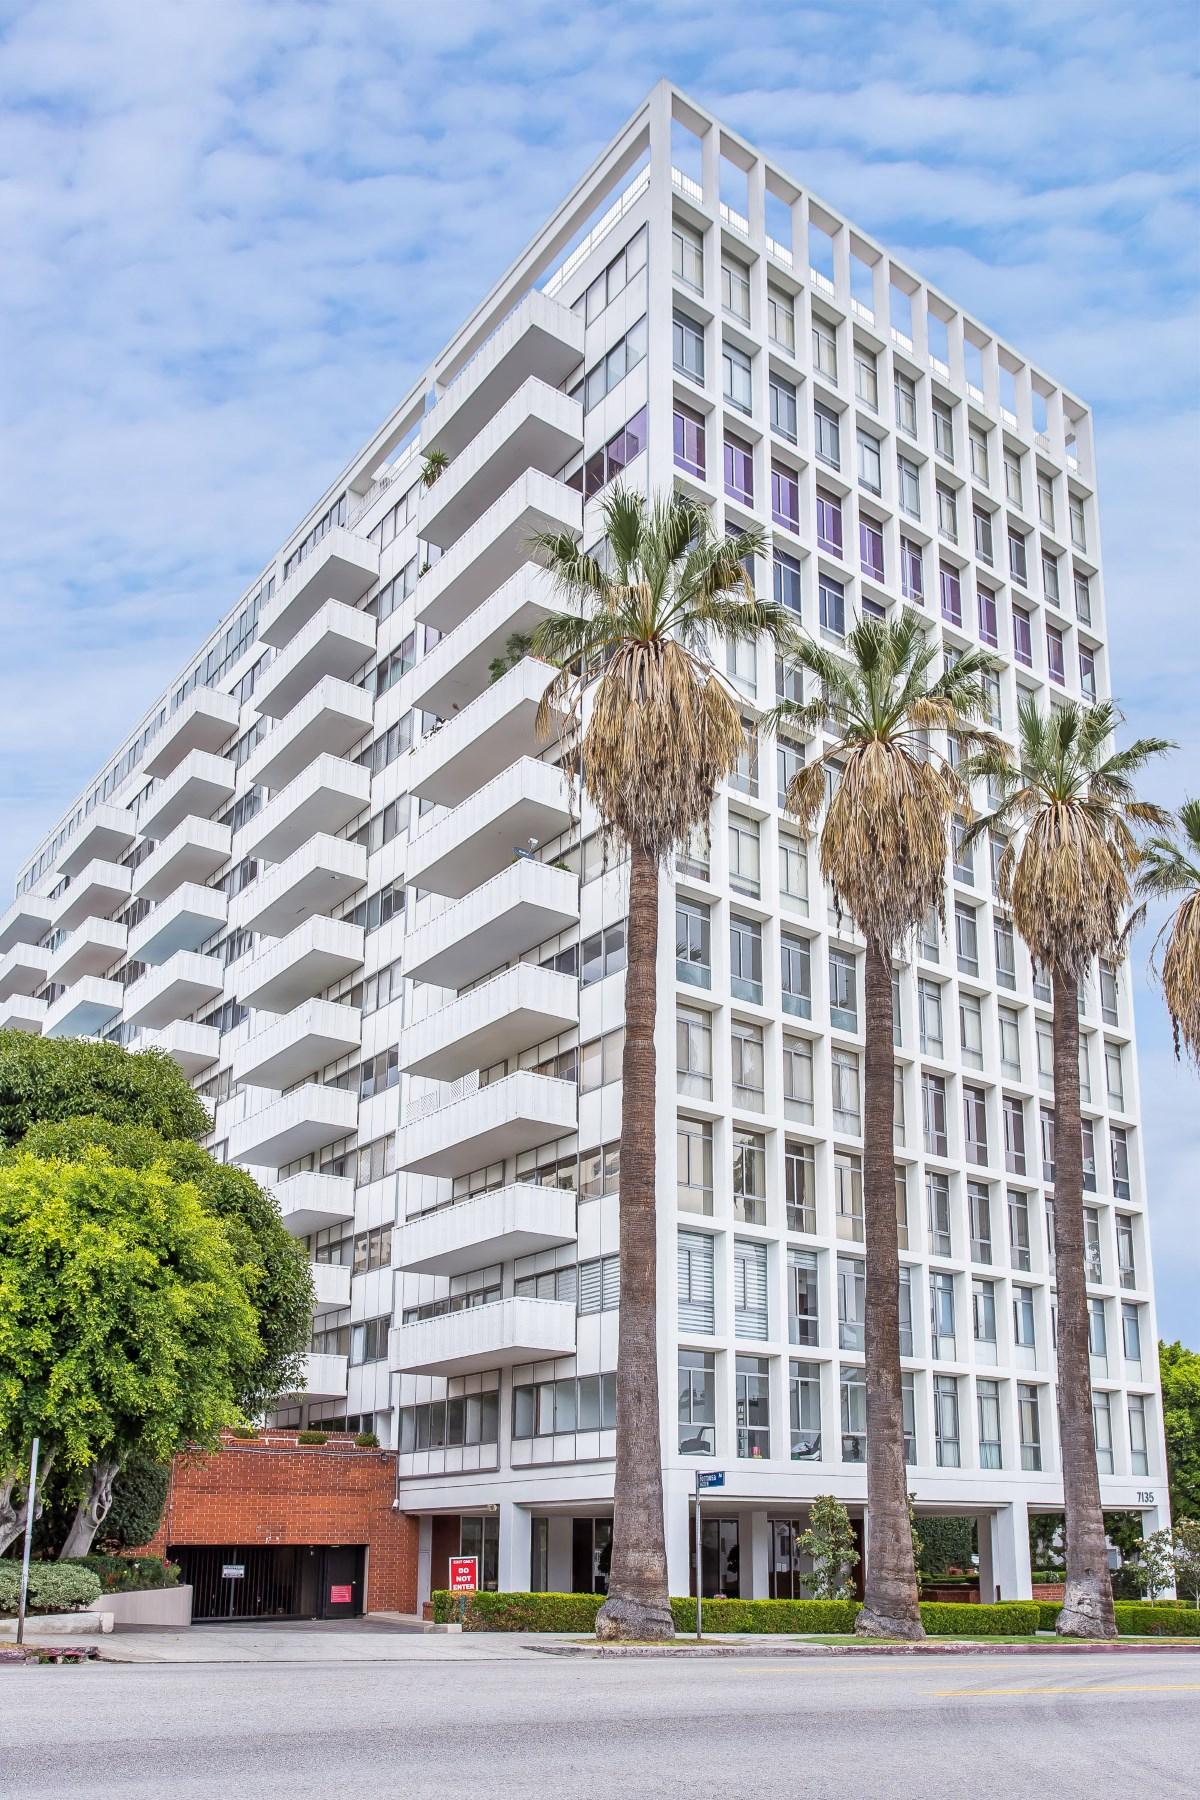 共管物業 為 出售 在 Amazing High-Rise Condo in Hollywood 7135 Hollywood Boulevard Unit 506 Los Angeles, 加利福尼亞州, 90046 美國